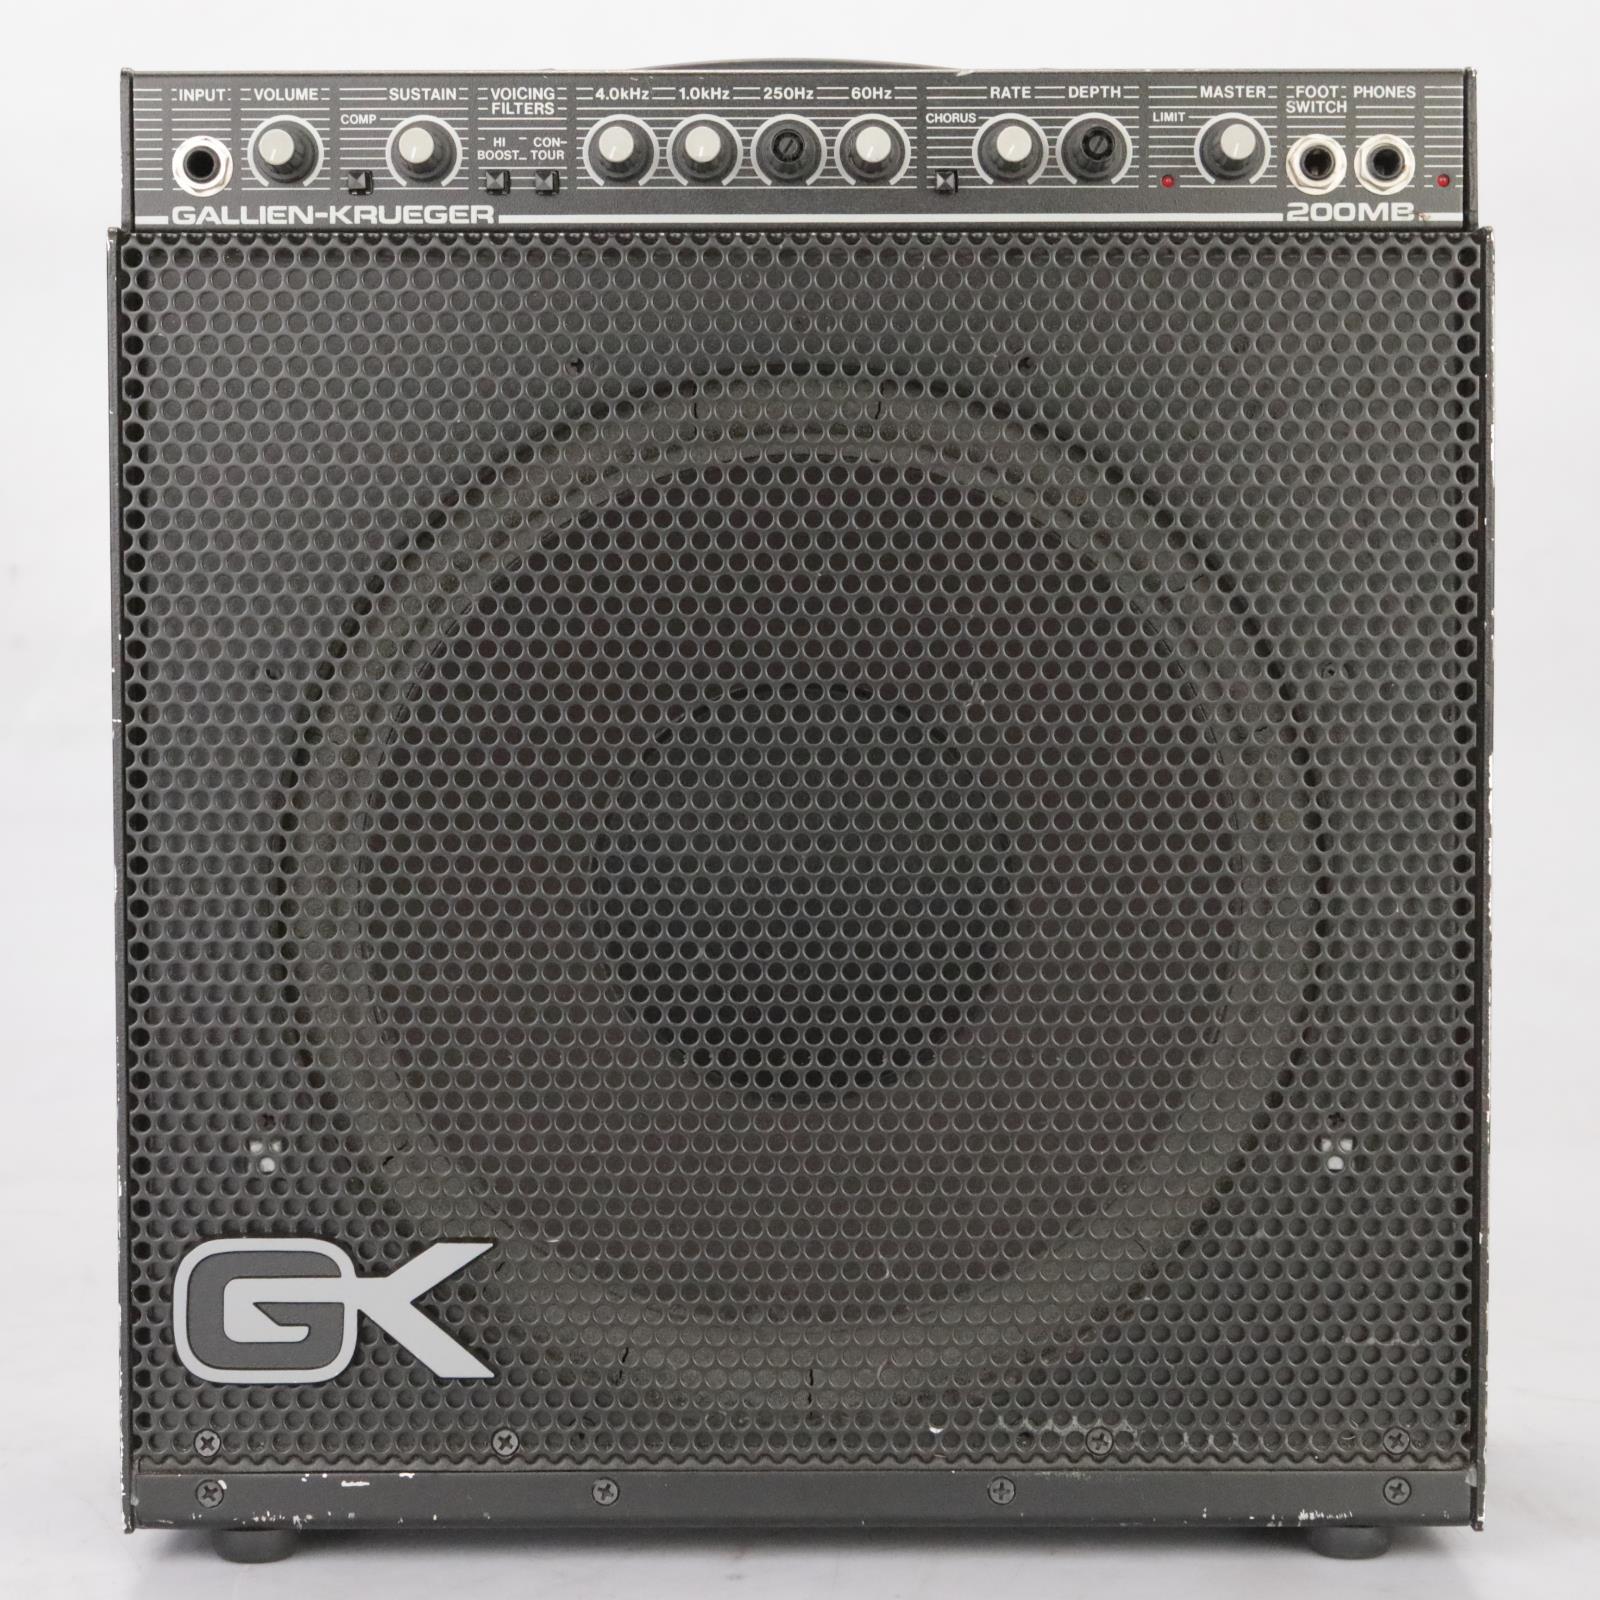 Gallien-Krueger 200MB Series II Bass Combo Amp Owned By Leland Sklar #38762